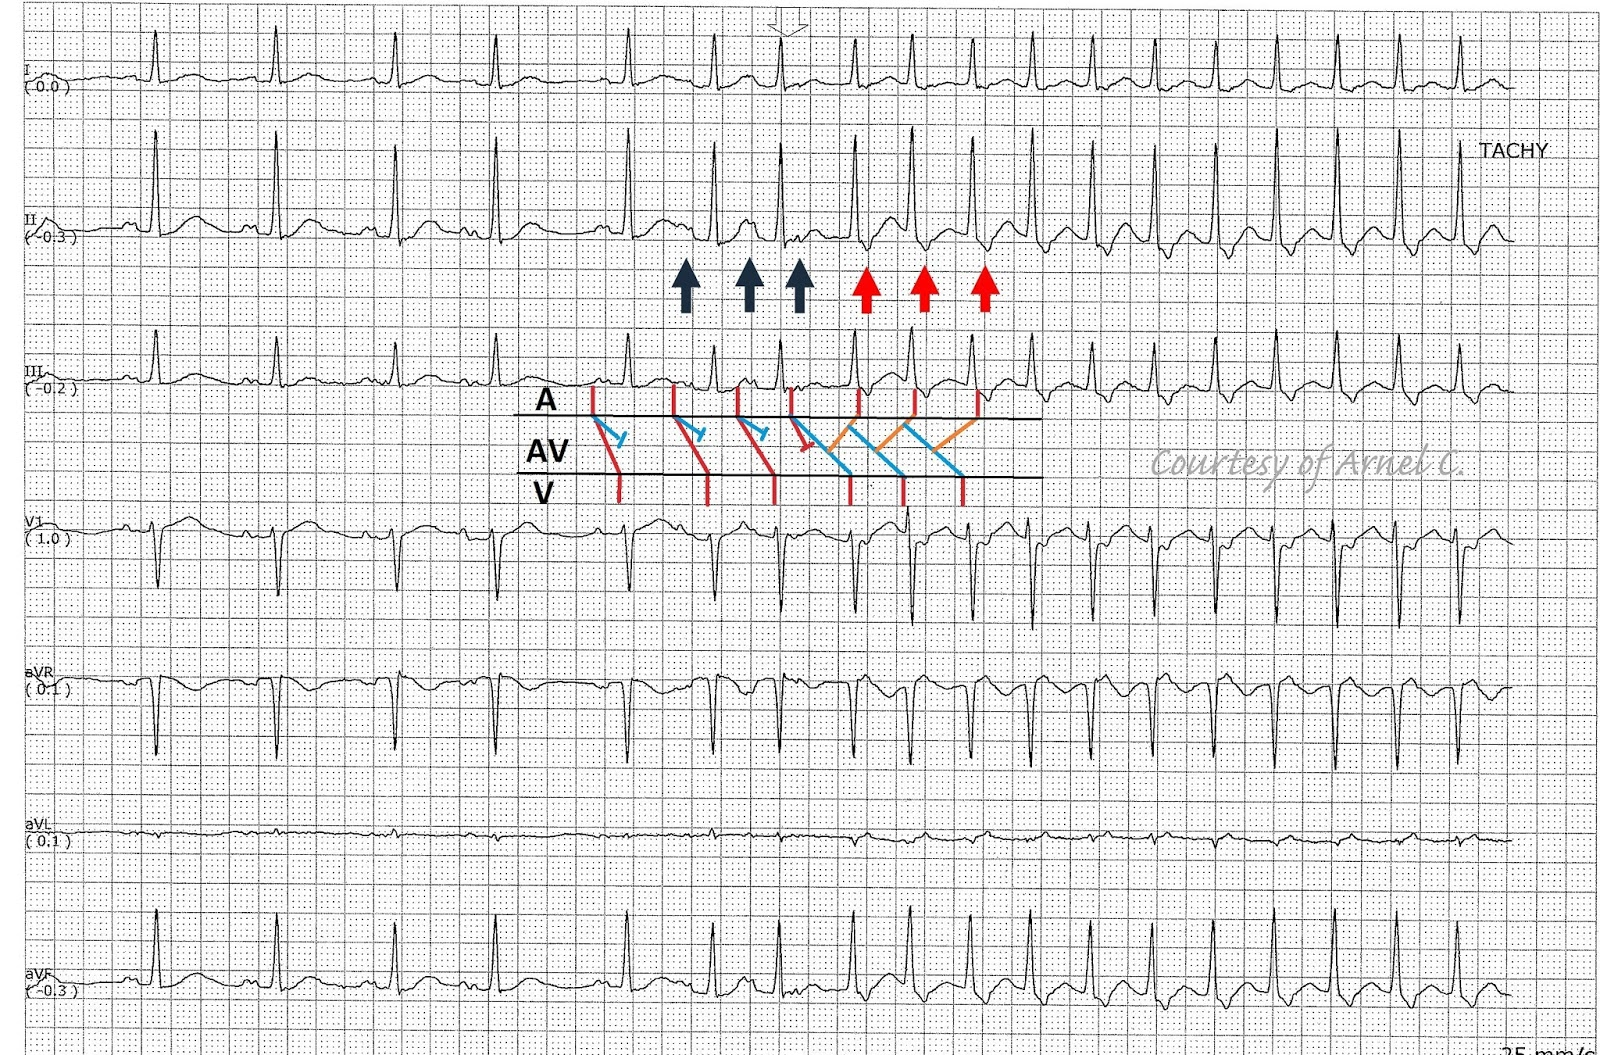 Ecg Rhythms Junctional Tachycardia True Or False